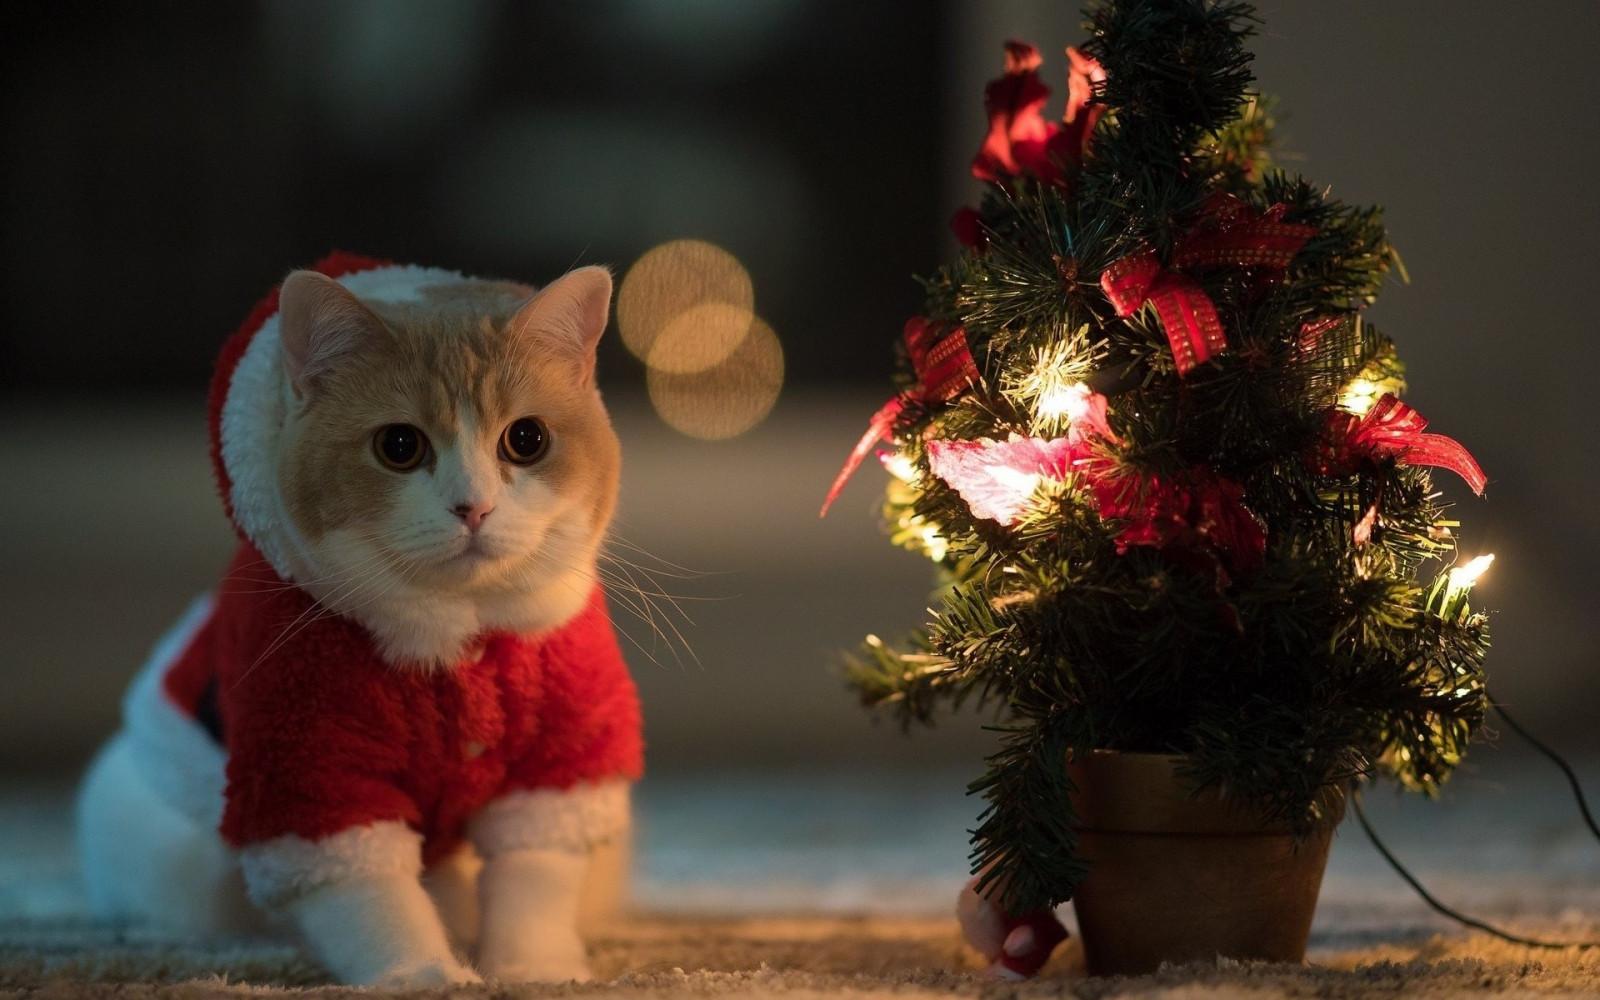 hintergrundbilder katze tiere rot weihnachtsbaum weihnachten urlaub sankt kost m baum. Black Bedroom Furniture Sets. Home Design Ideas